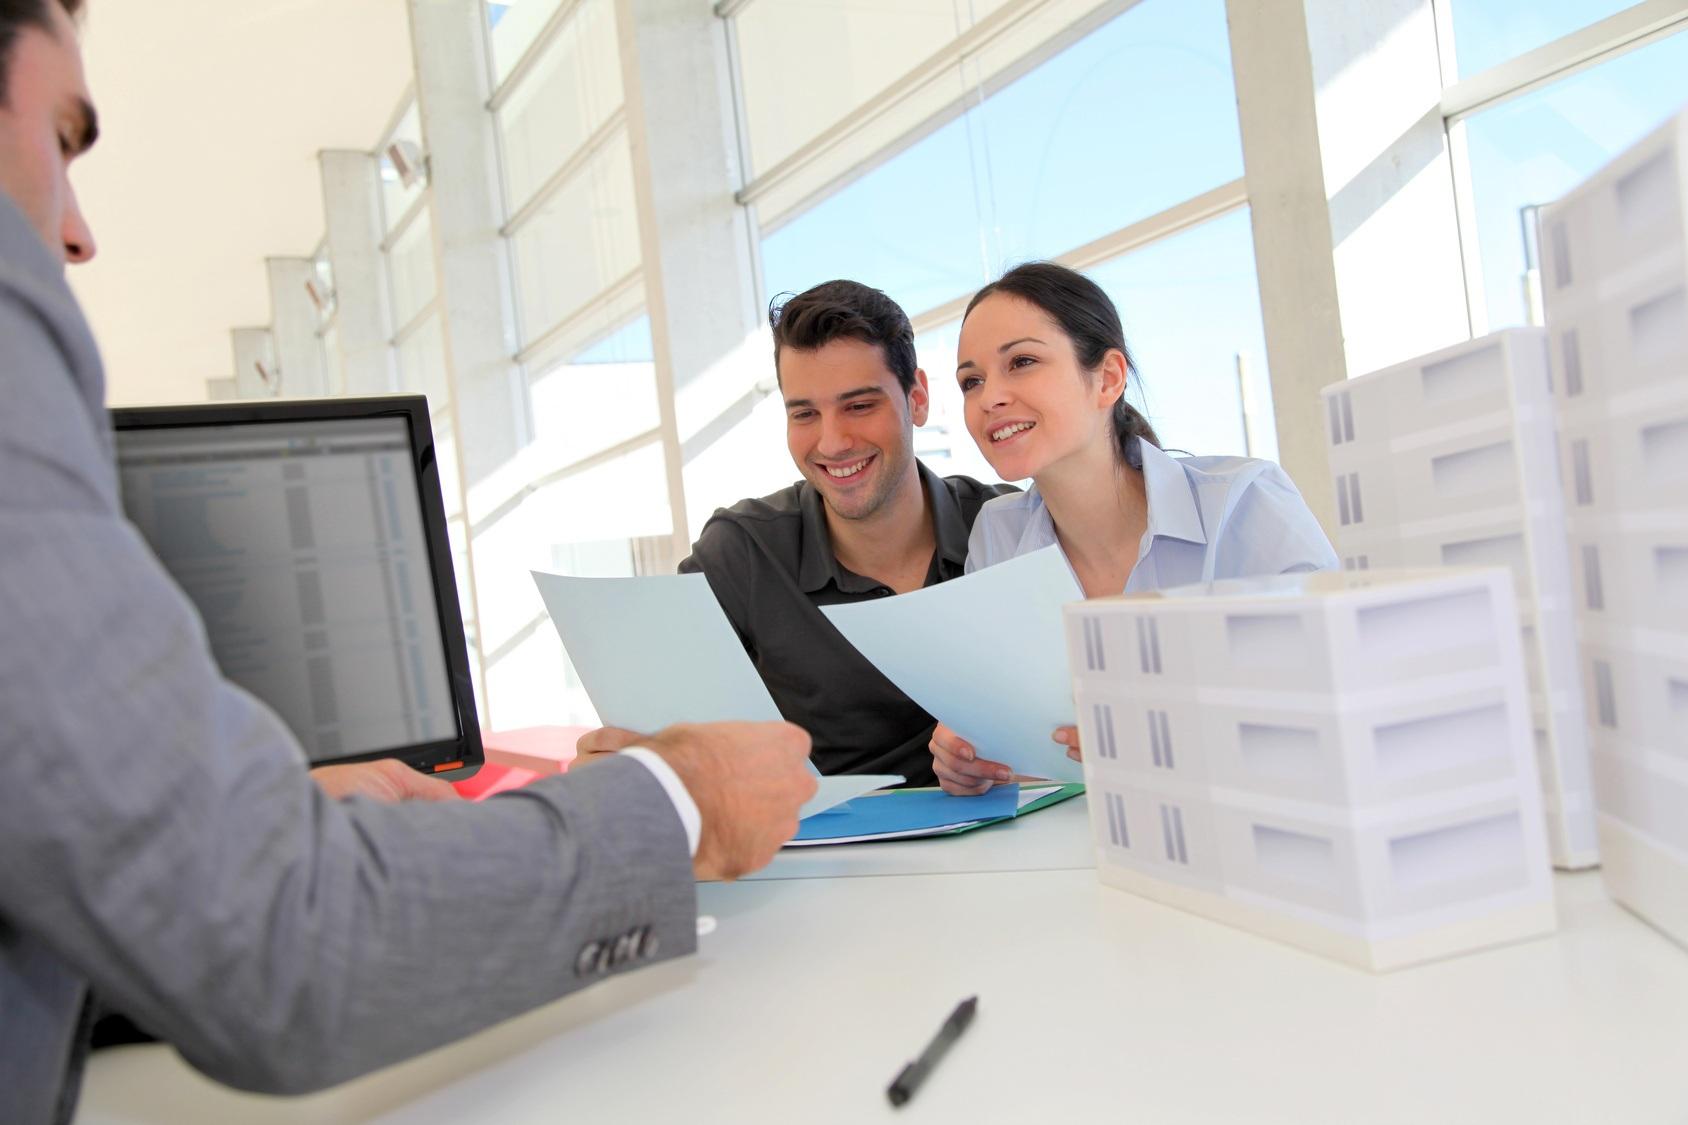 Un taux immobilier peut changer votre vie